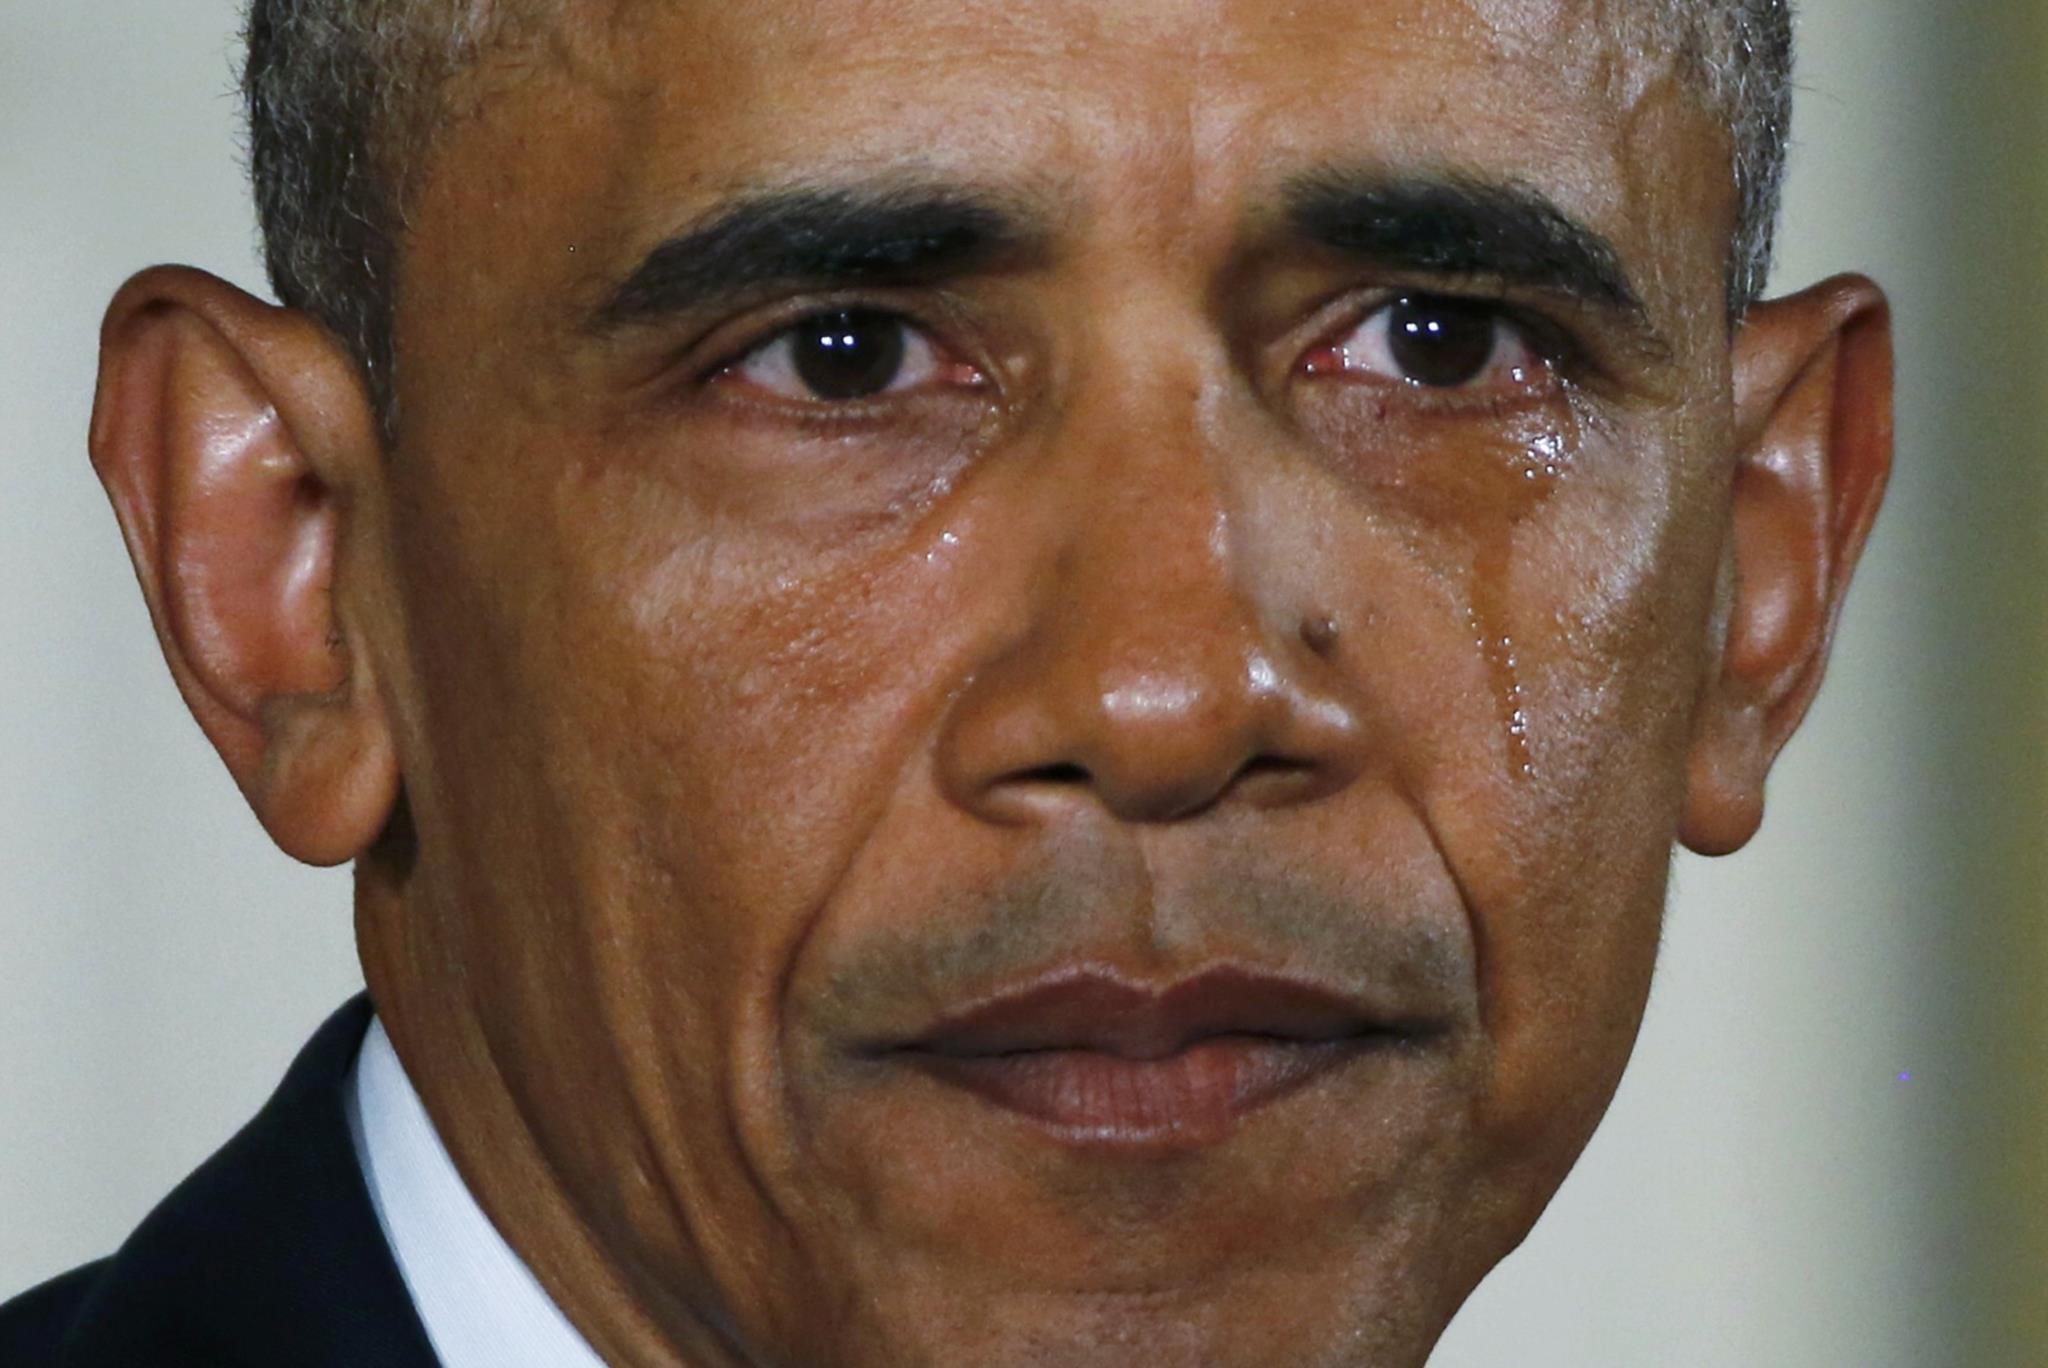 """Em Janeiro de 2016, assumiu, em lágrimas, a responsabilidade pela falha no controlo das armas nos EUA. """"Não temos de aceitar esta carnificina como o preço a pagar pela liberdade"""", sublinhou Obama, numa cerimónia na Casa Branca em que participaram muitos familiares de vítimas de massacres e alguns sobreviventes de tiroteios"""